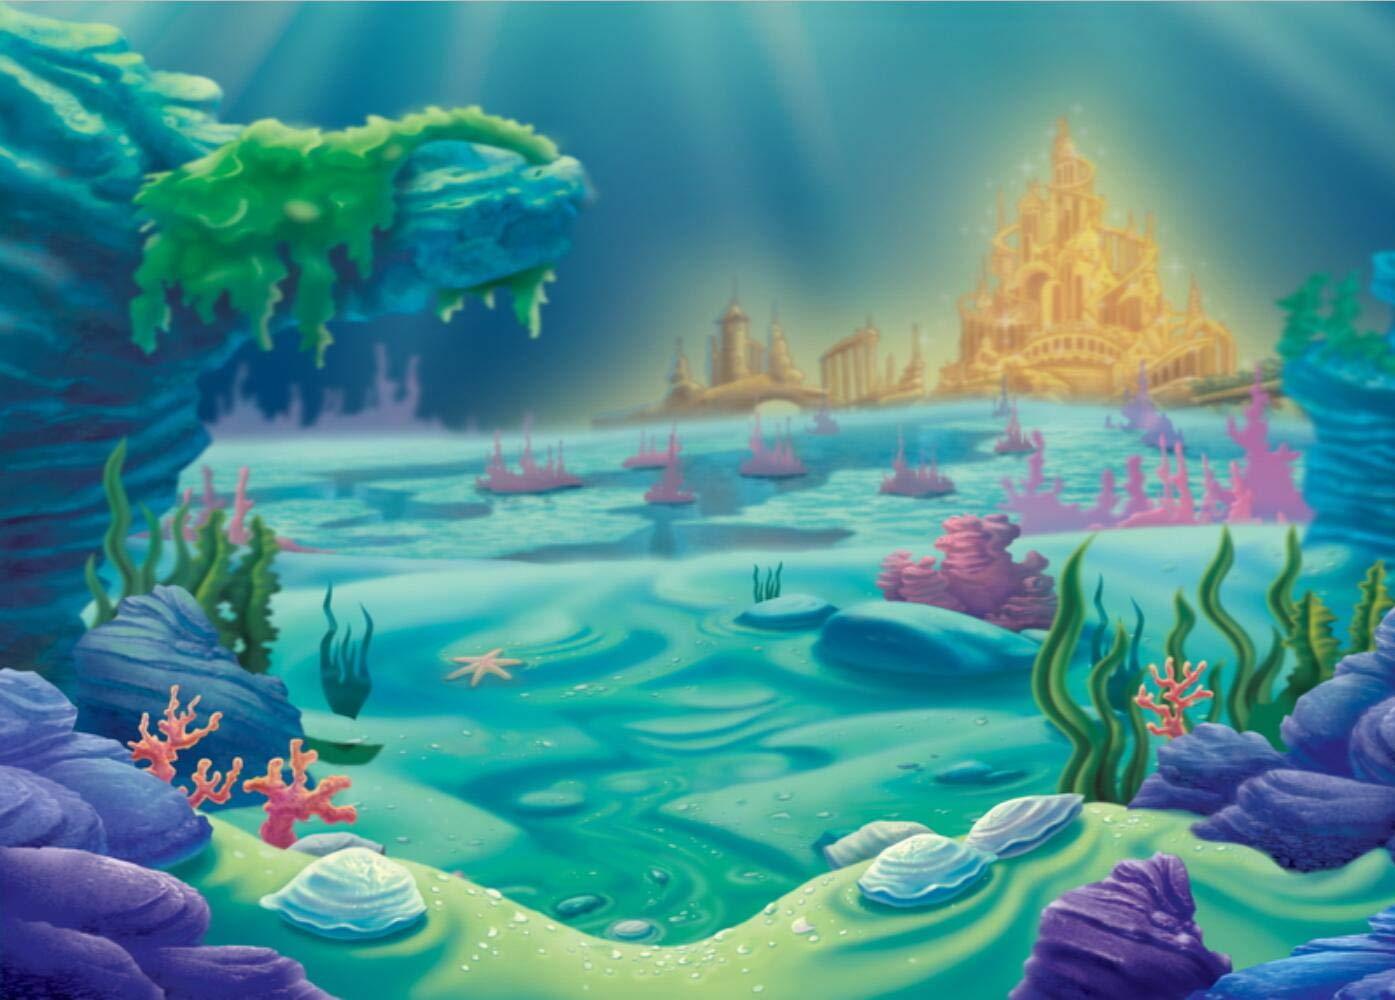 Amazon マーメイドテーマの背景 可愛らしい海の魚の色 サンゴ礁の背景 水中 世界写真 子供 誕生日パーティー 背景 ベビーシャワー壁紙 スタジオ 写真ブース小道具 10x7フィート E00t バックペーパー 背景布 通販